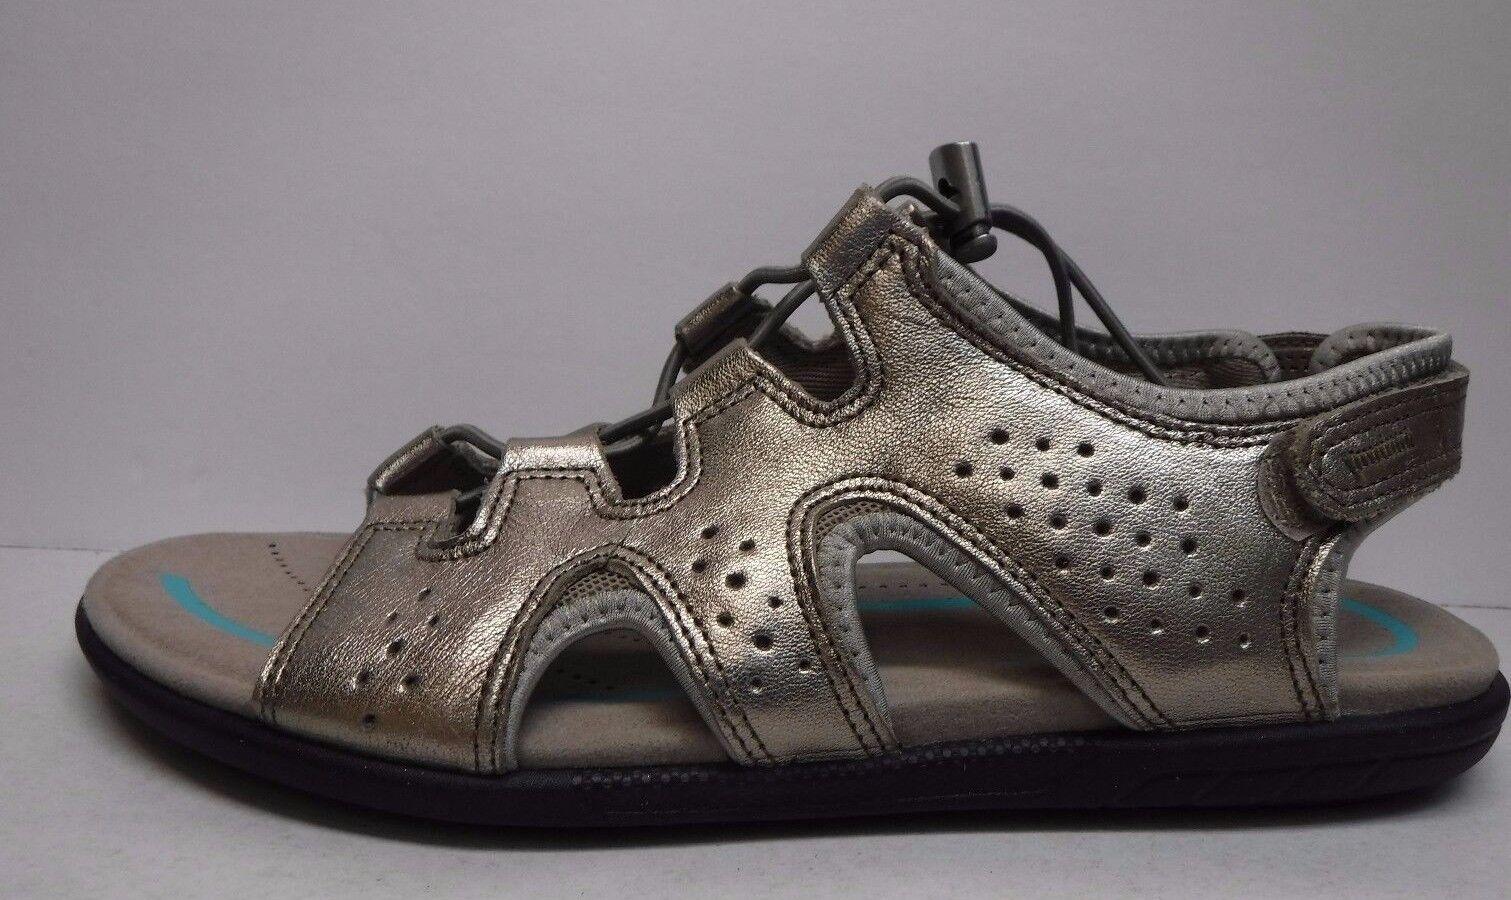 Ecco Size EUR 41 10 10.5 Toggle Toggle Toggle Gladiator Toggle Sandalos New Donna 6e38f2